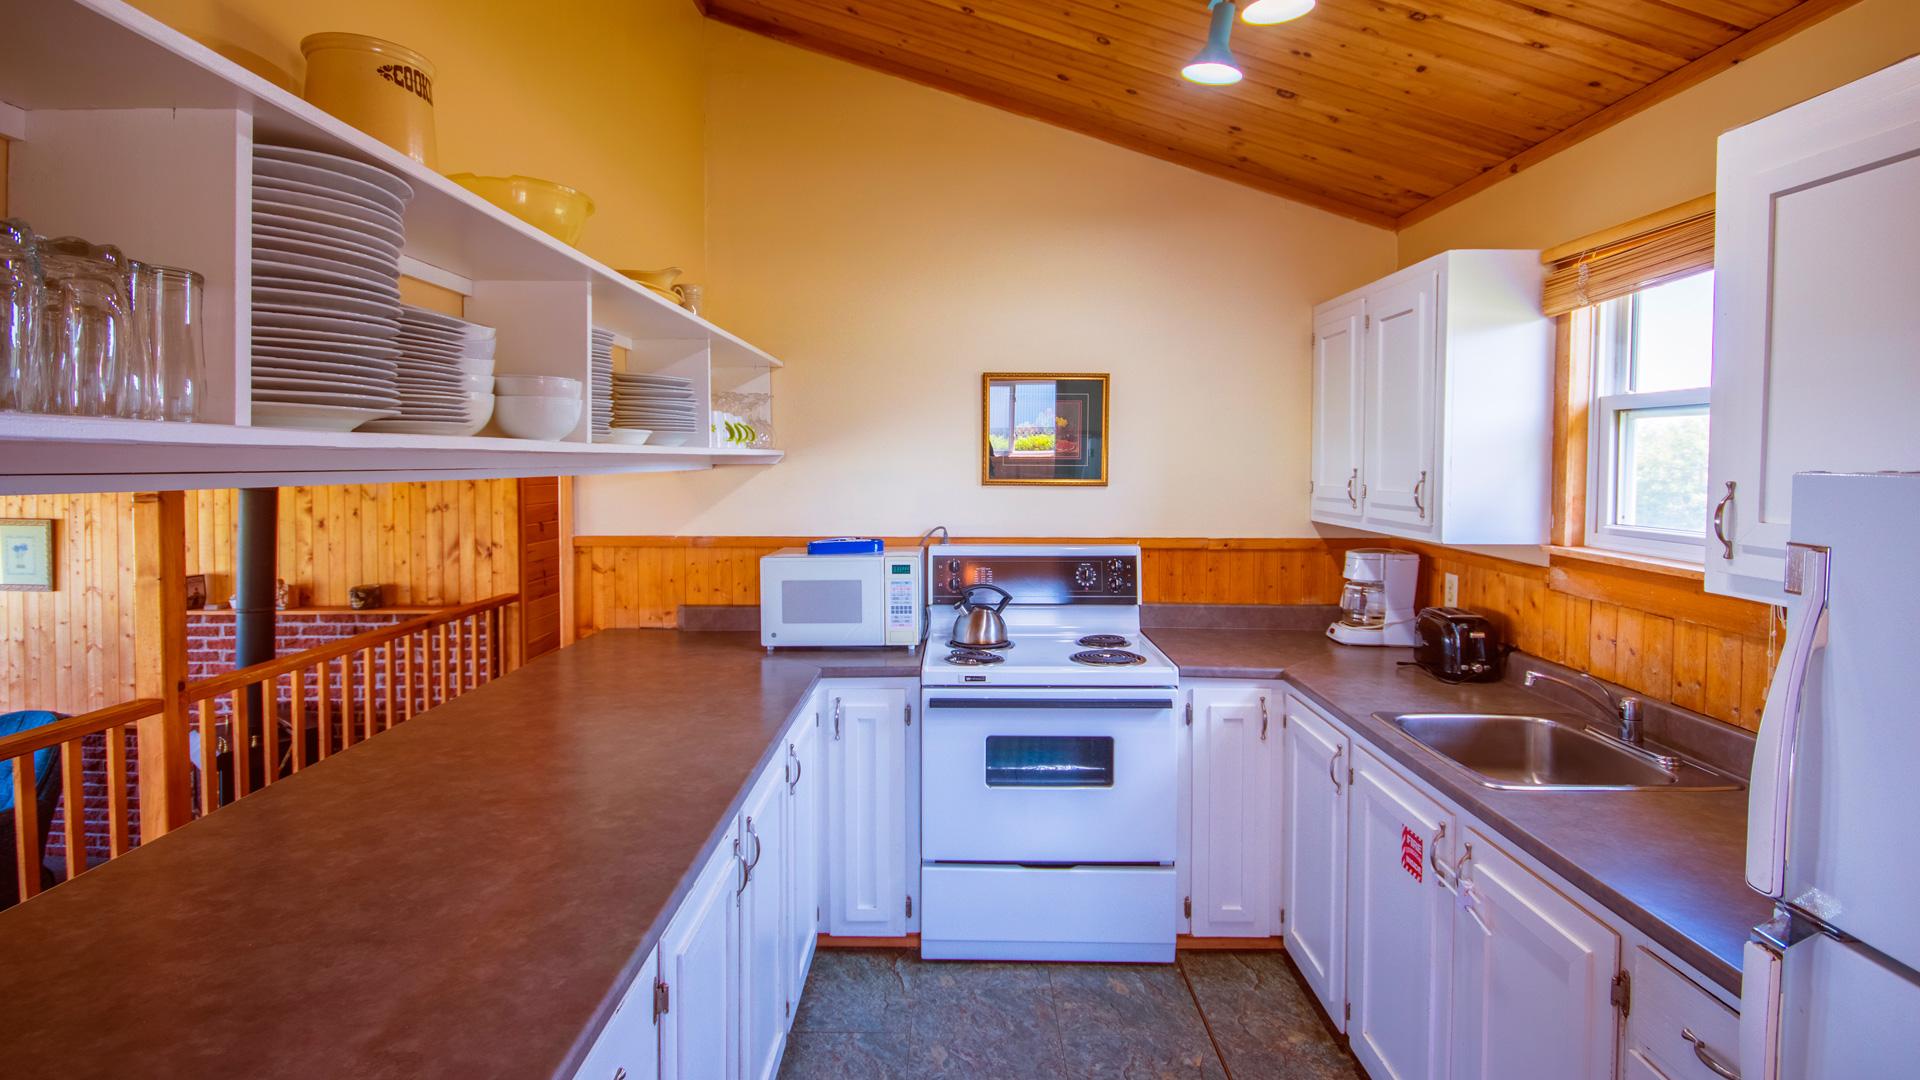 4 Bedroom-Kitchen